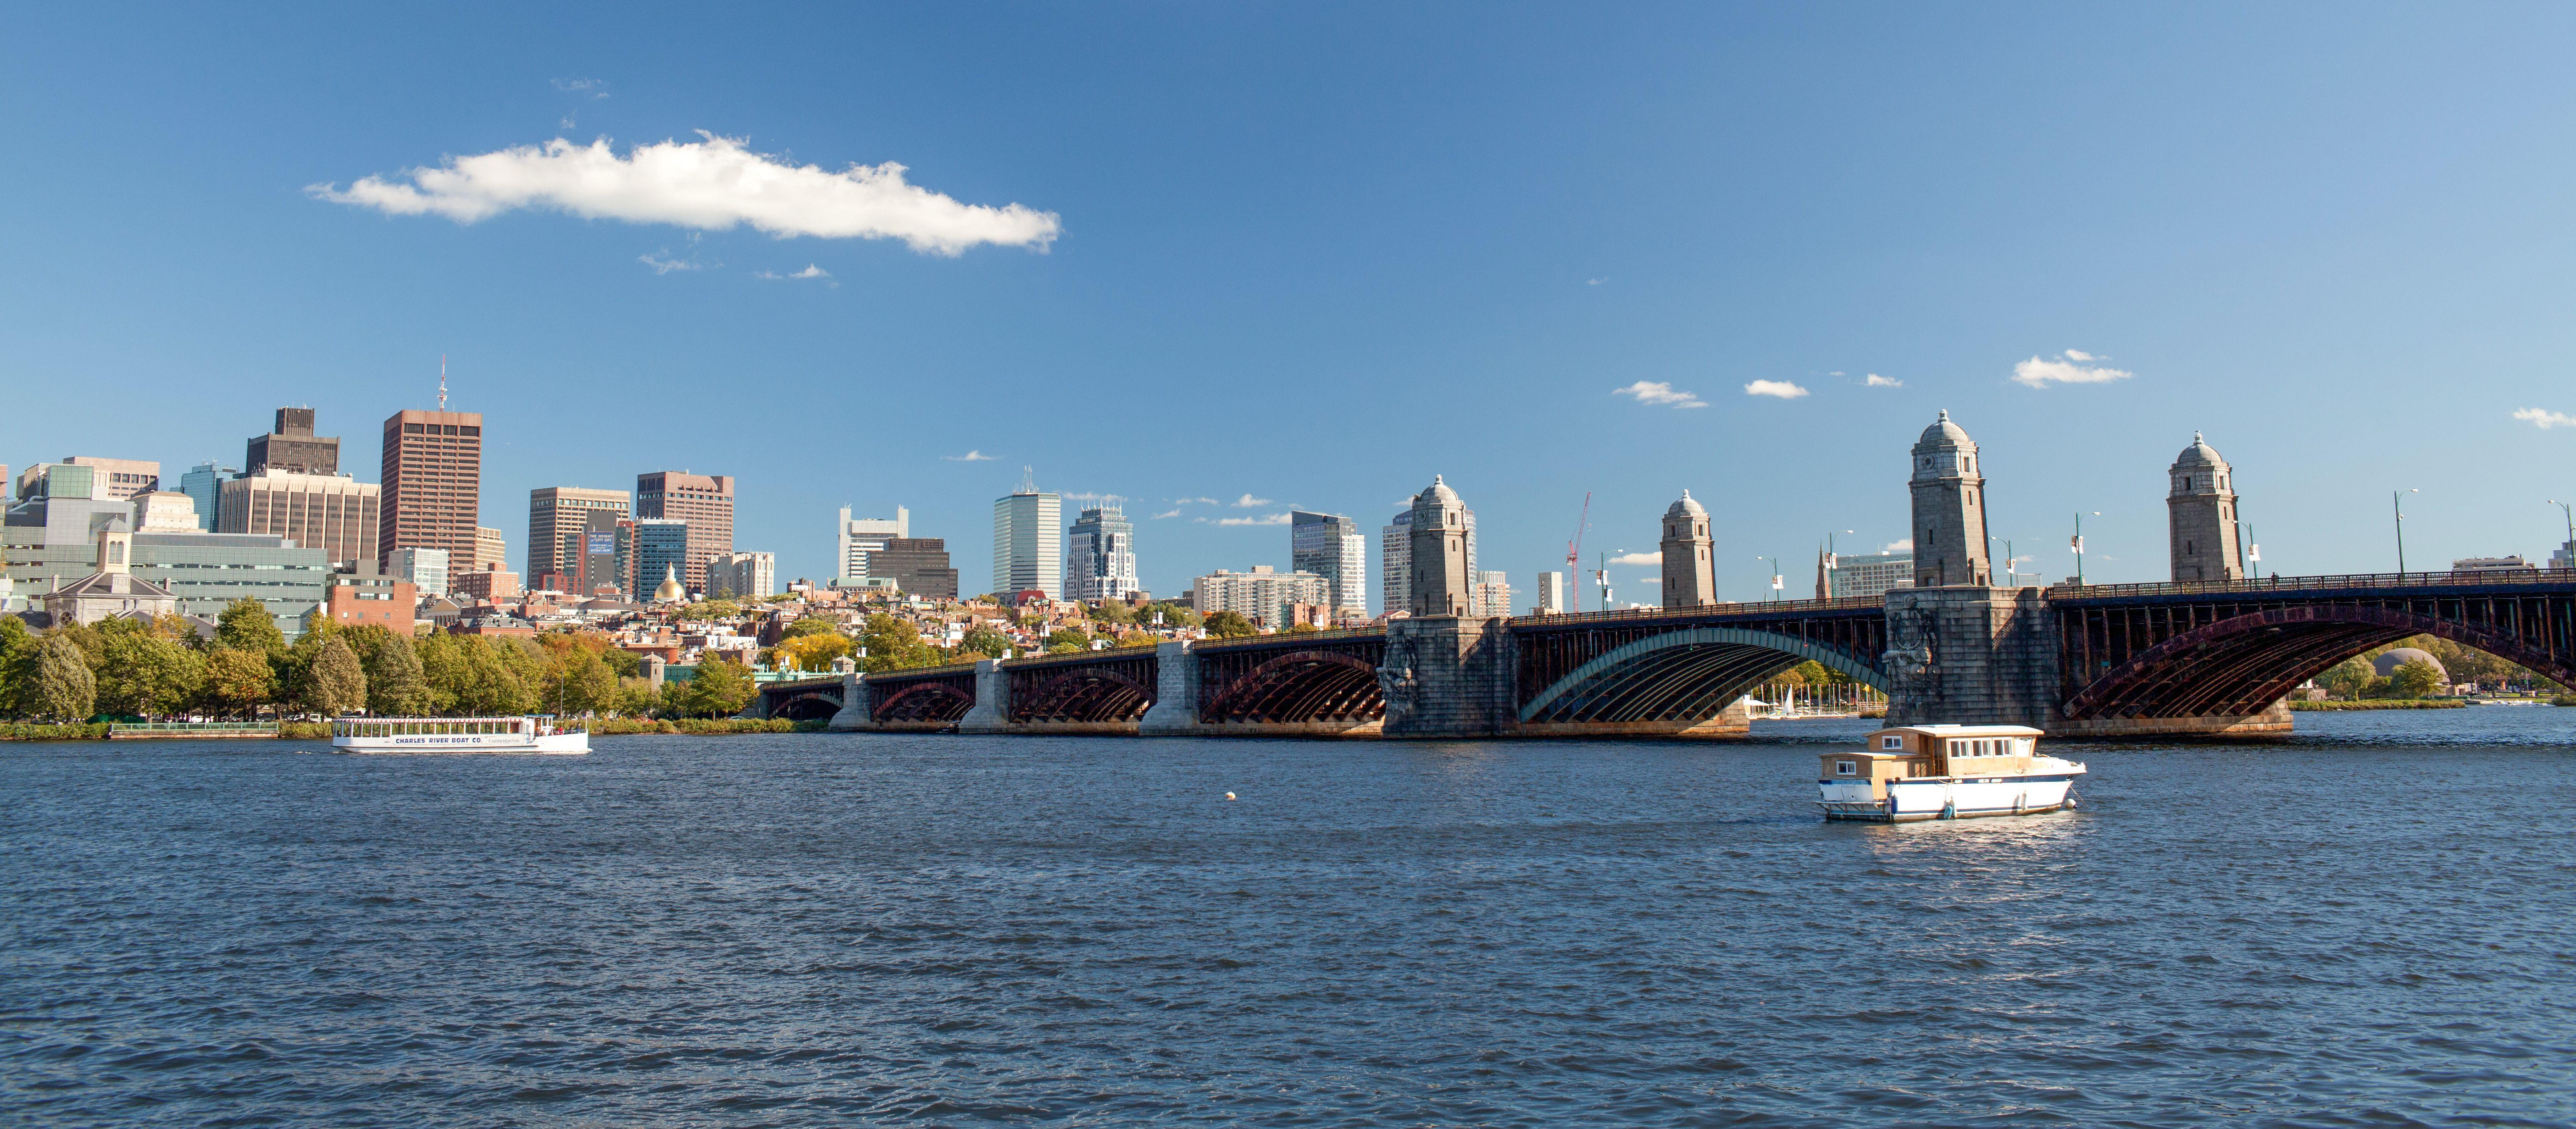 Die Longfellow Bridge im Bundesstaat Massachusetts verbindet die Städte Boston und Cambridge